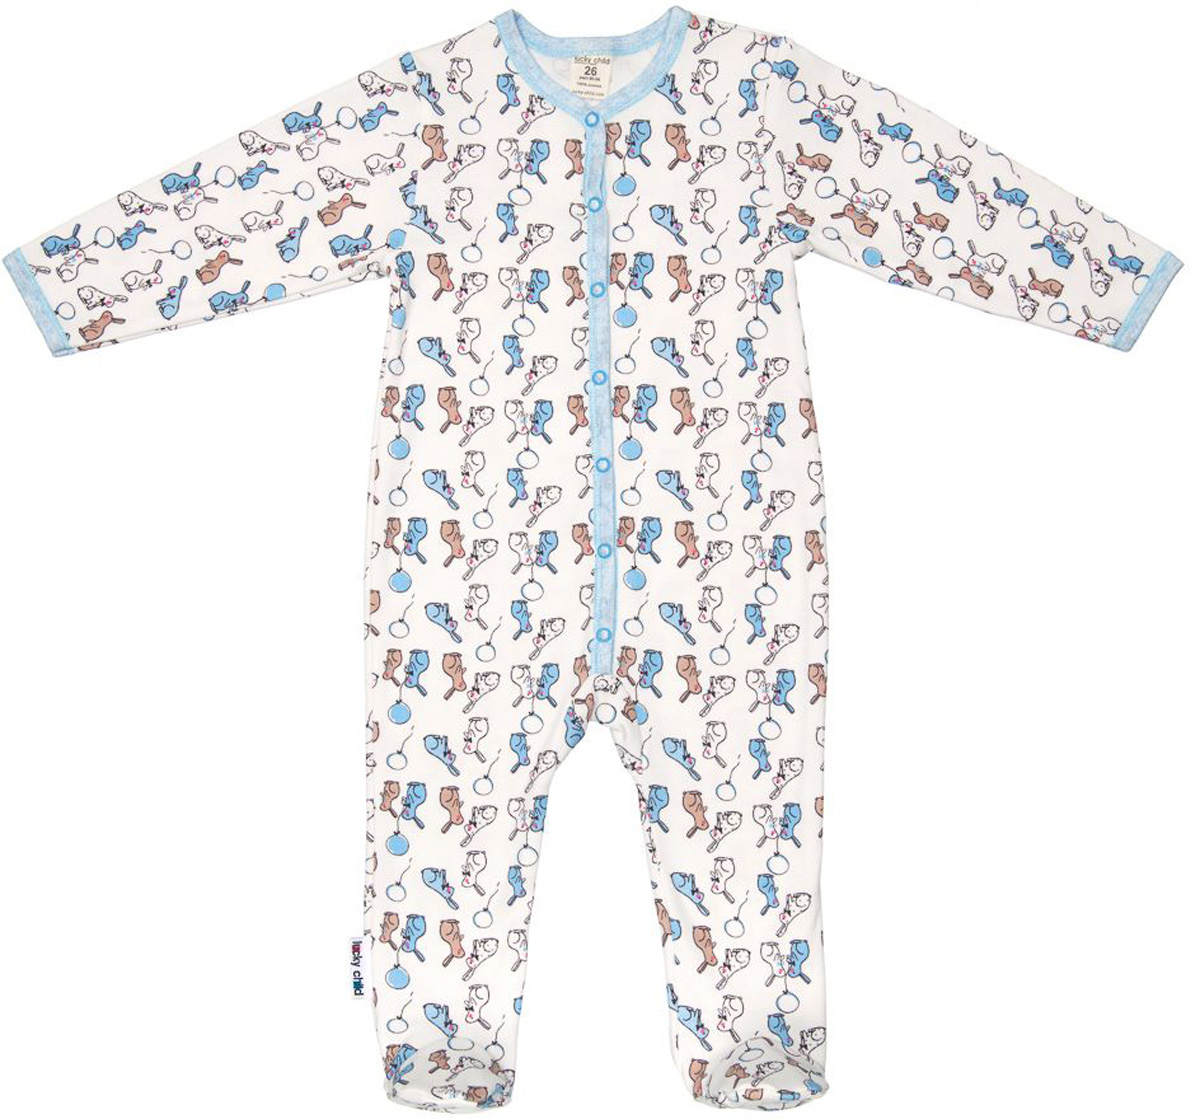 Комбинезон домашний детский Luky Child, цвет: молочный, голубой. А1-103/цв. Размер 74/80А1-103/цвДетский комбинезон Lucky Child - очень удобный и практичный вид одежды для малышей. Комбинезон выполнен из натурального хлопка, благодаря чему он необычайно мягкий и приятный на ощупь, не раздражают нежную кожу ребенка и хорошо вентилируются, а эластичные швы приятны телу малыша и не препятствуют его движениям. Комбинезон с длинными рукавами и закрытыми ножками имеет застежки-кнопки от горловины до щиколоток, которые помогают легко переодеть младенца или сменить подгузник. С детским комбинезоном Lucky Child спинка и ножки вашего малыша всегда будут в тепле, он идеален для использования днем и незаменим ночью. Комбинезон полностью соответствует особенностям жизни младенца в ранний период, не стесняя и не ограничивая его в движениях!